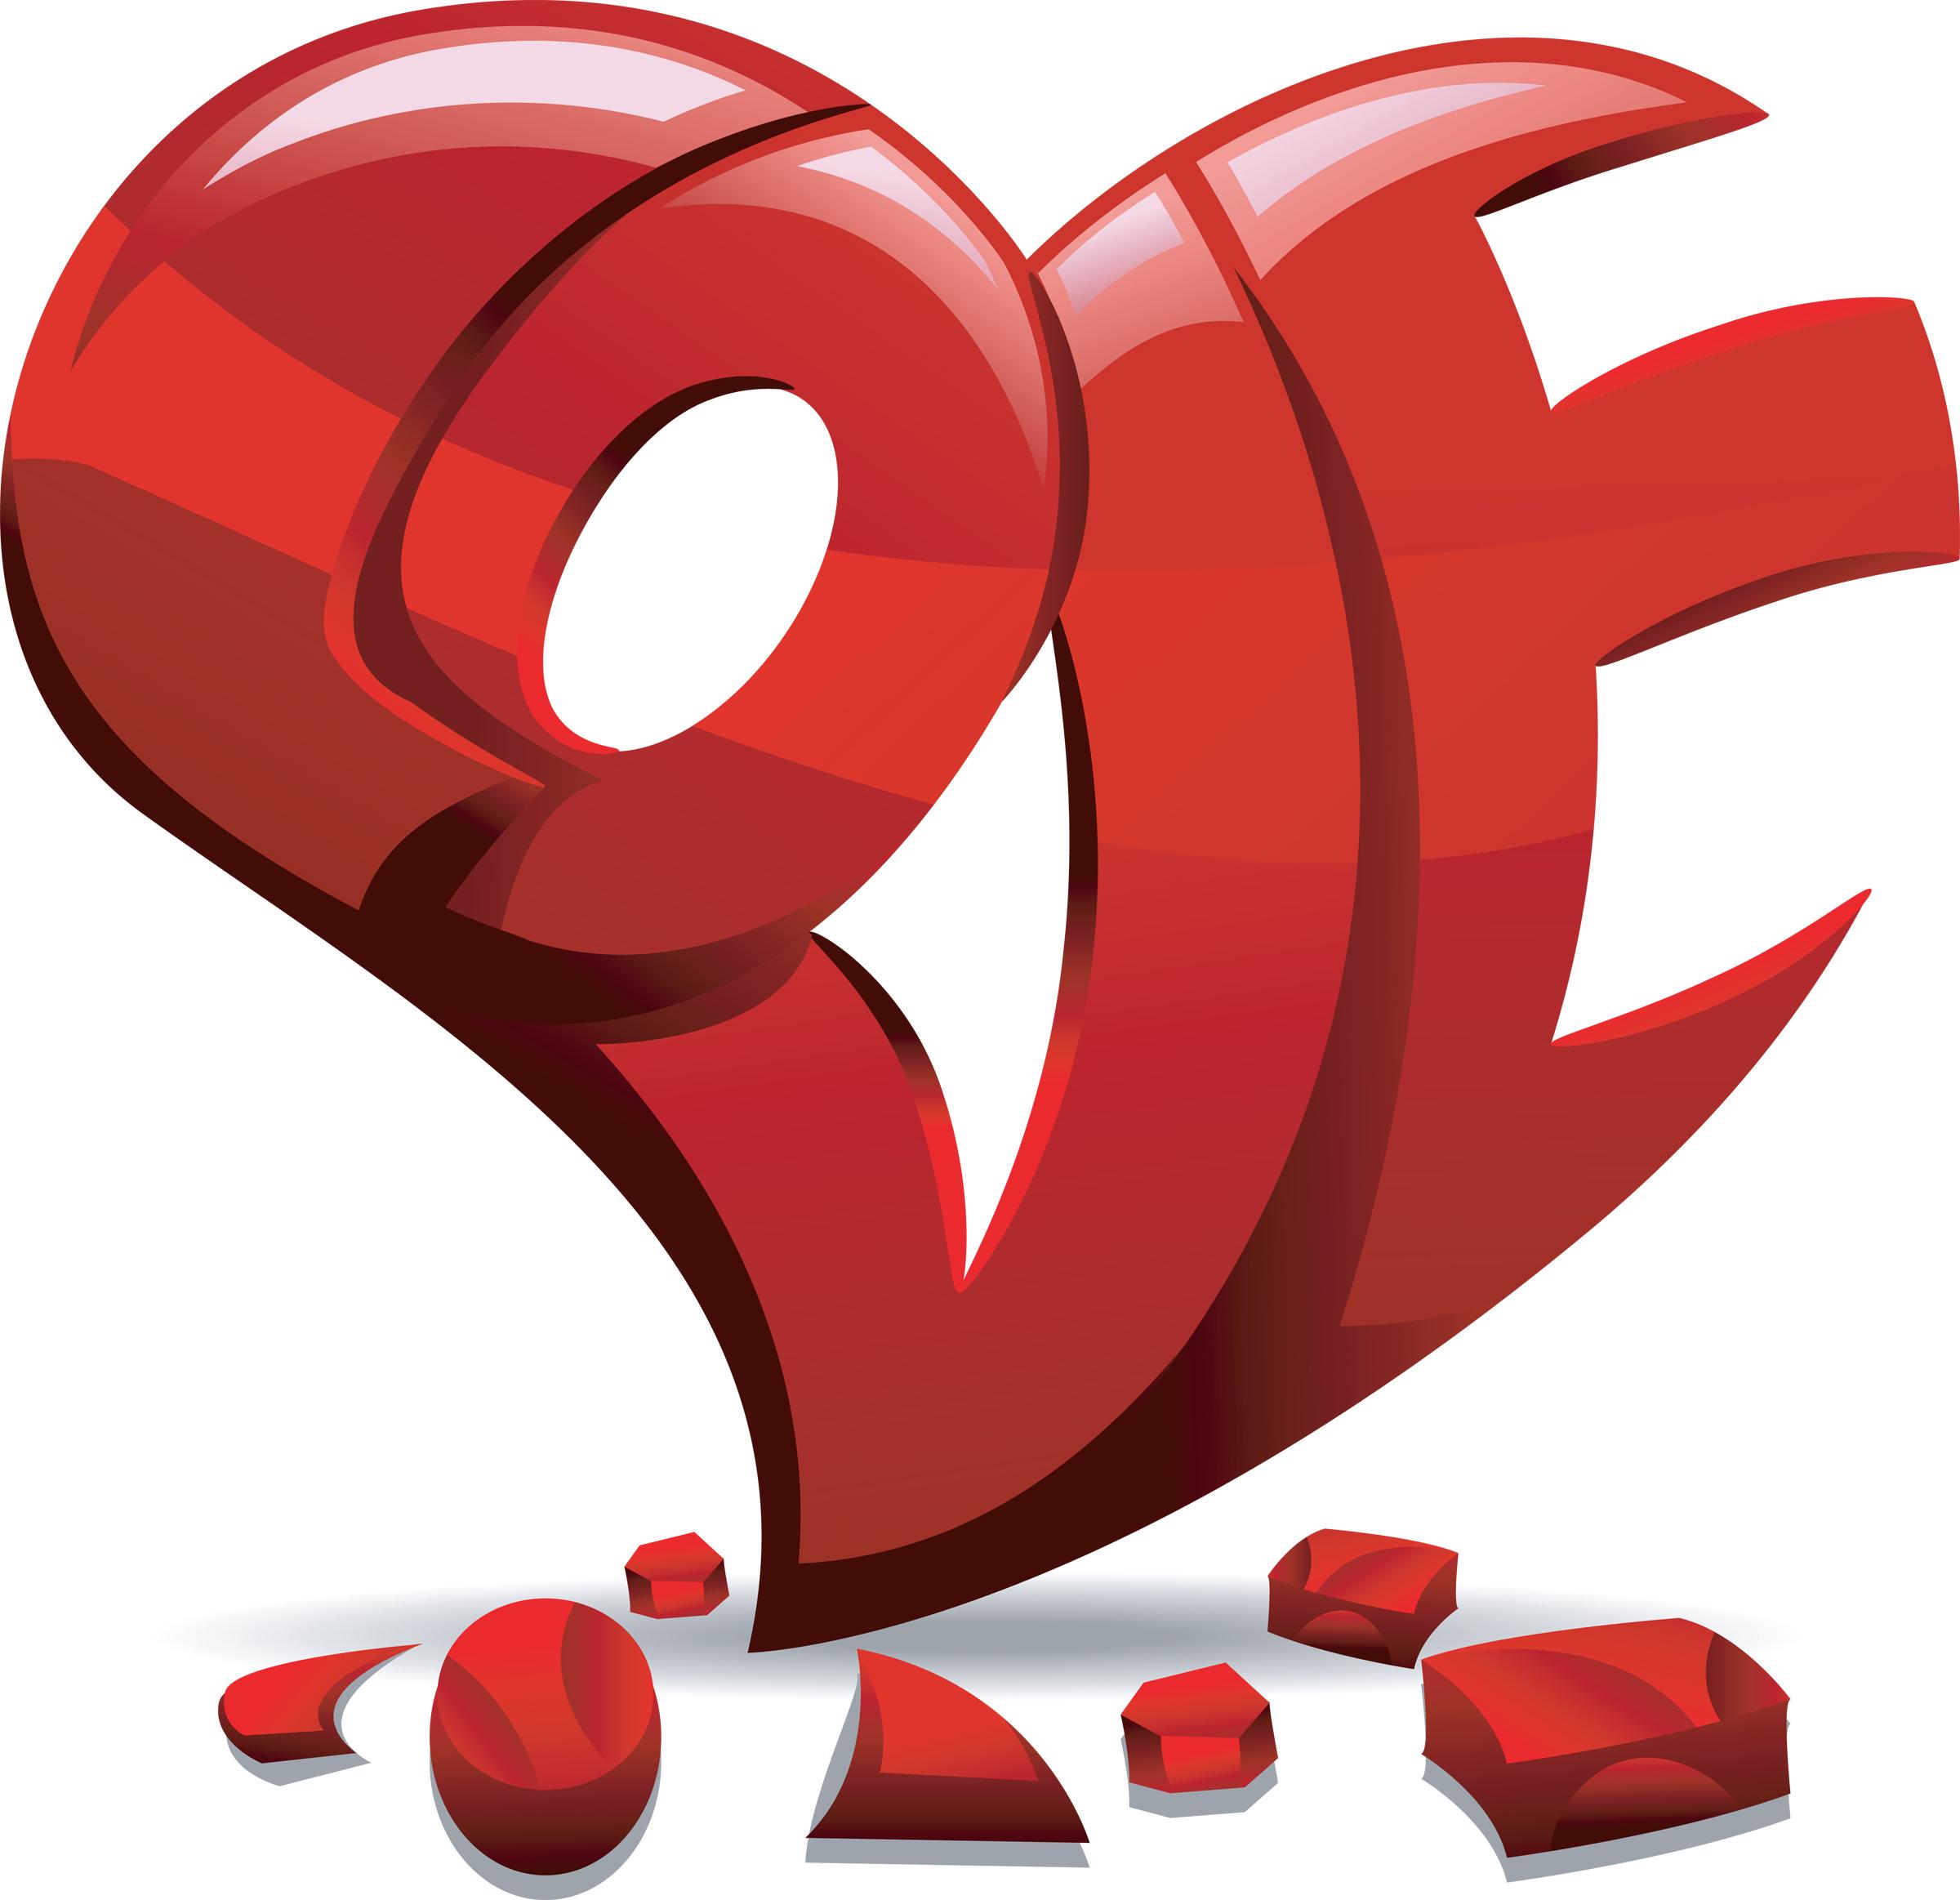 2400x2326 Top 77 Love Hearts Clip Art